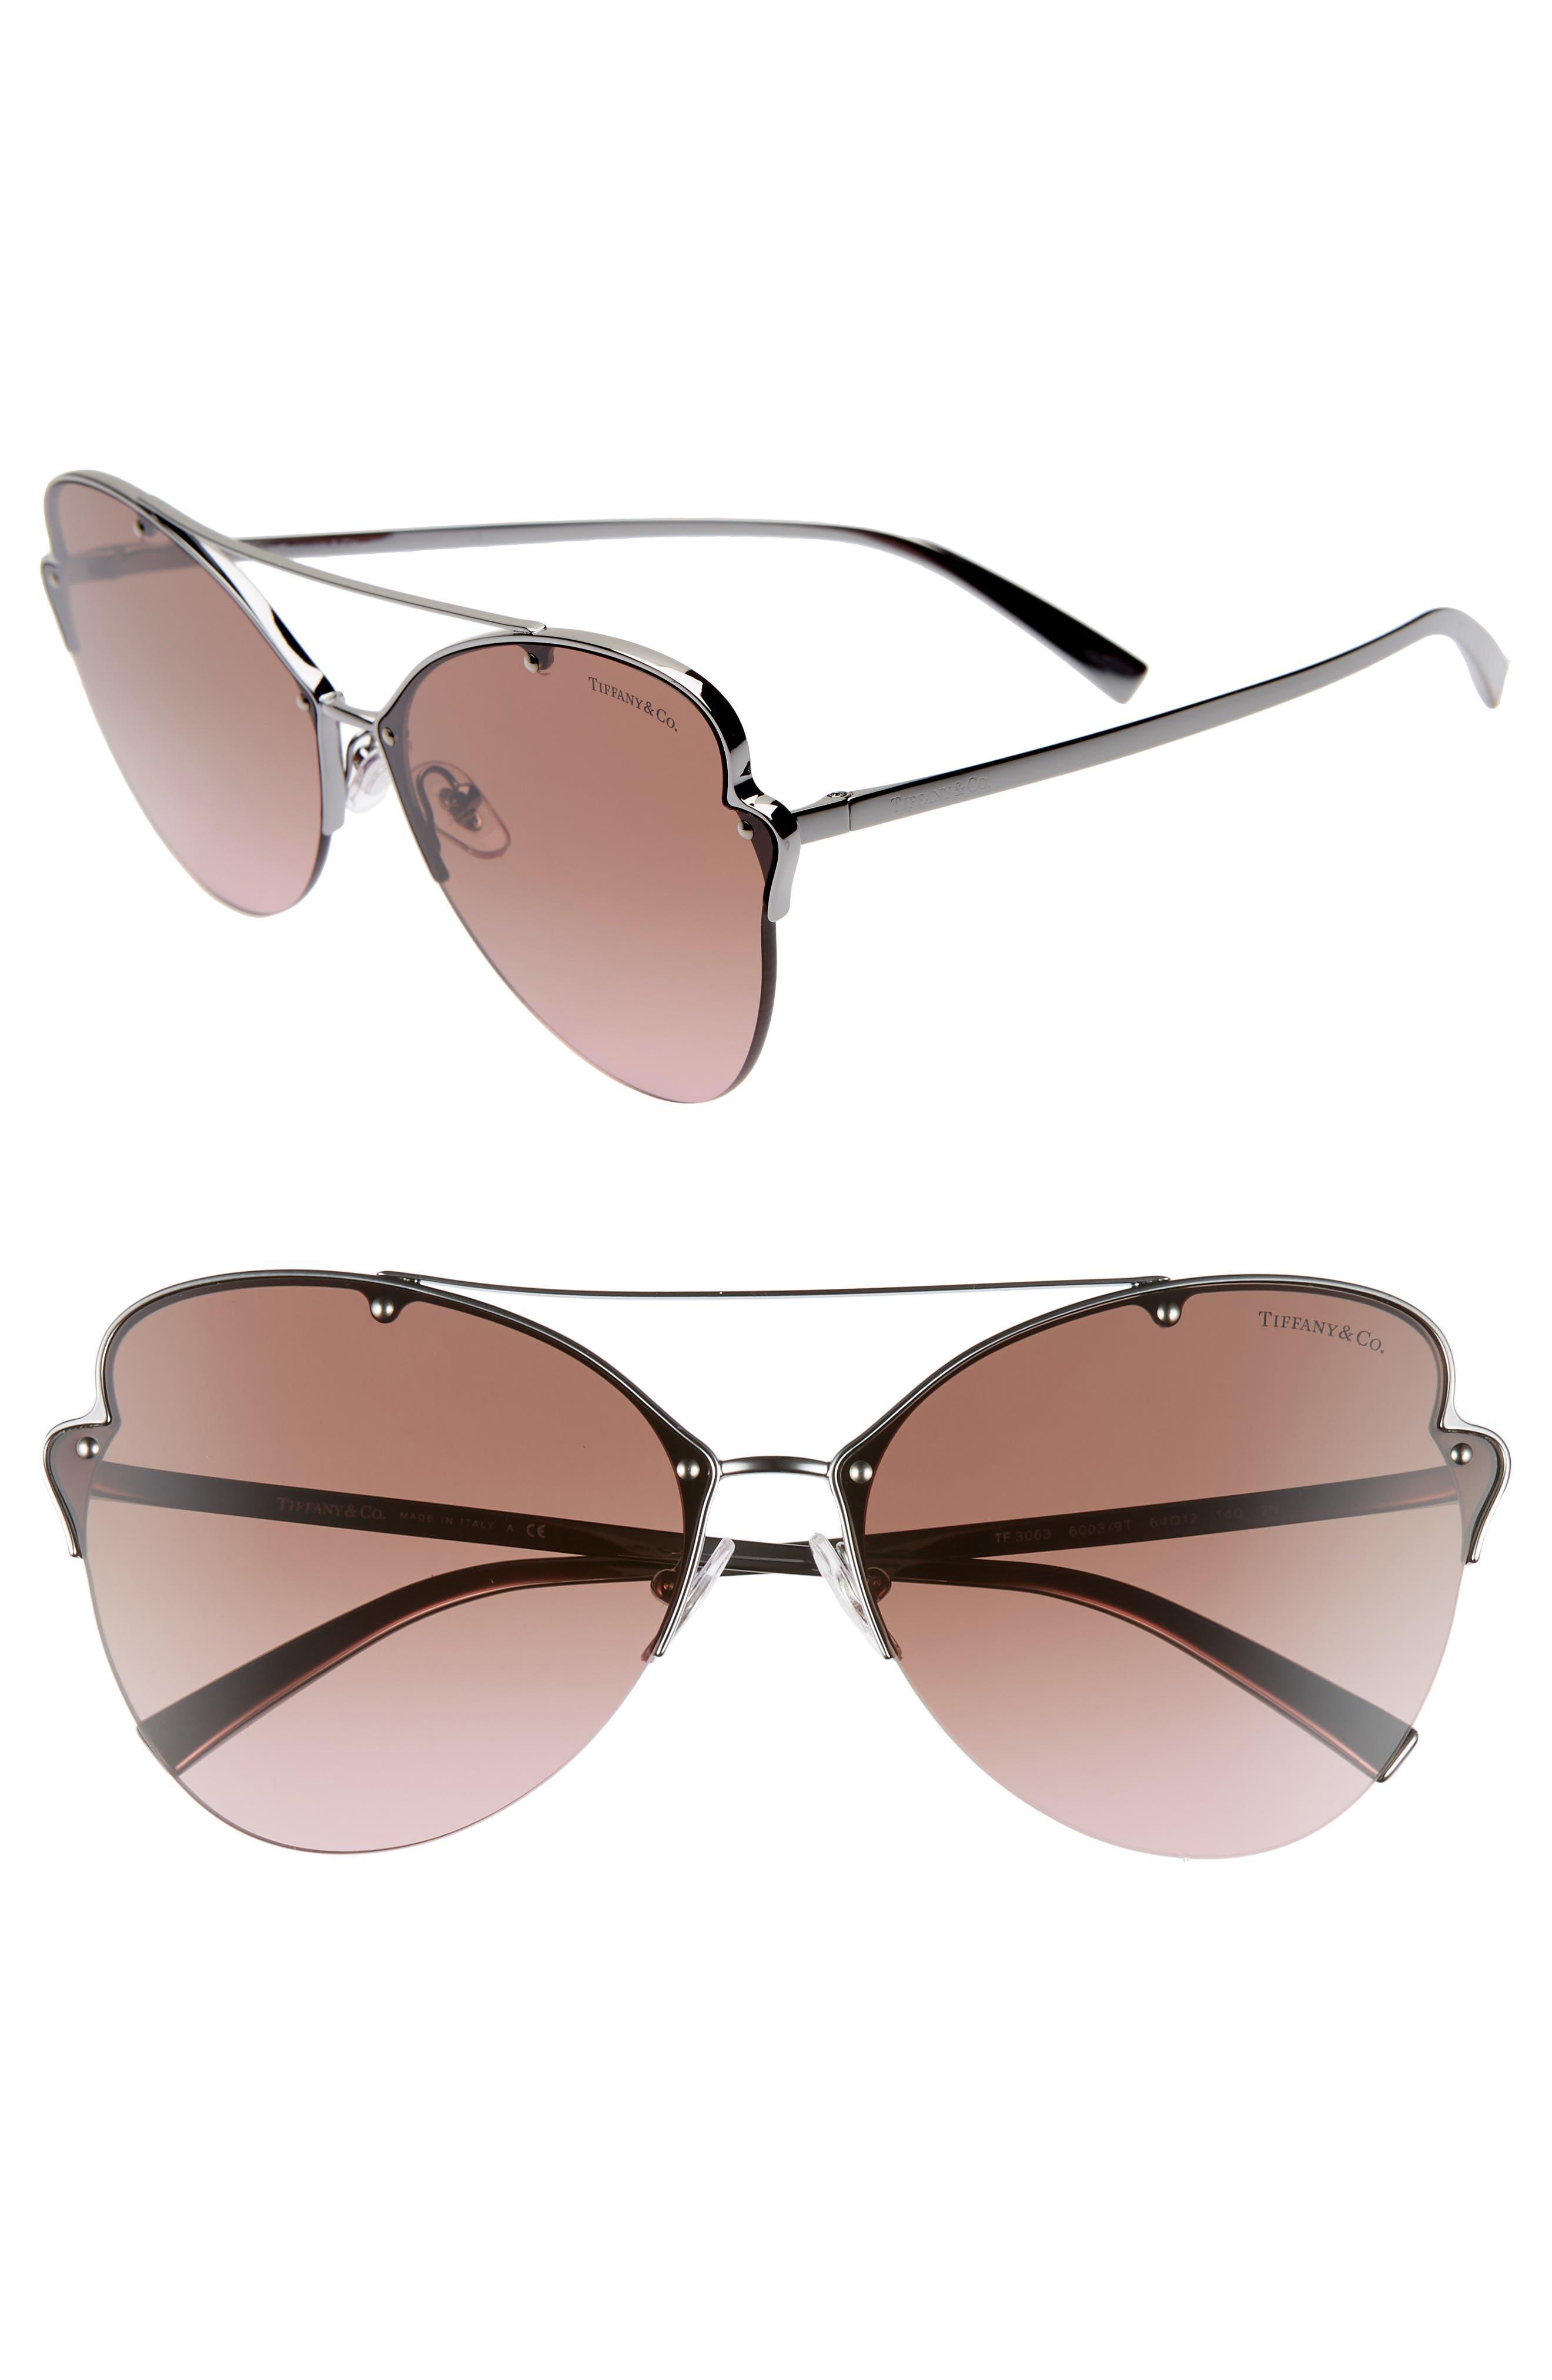 224718f3b5 Women s Tiffany   Co. 64Mm Oversize Butterfly Sunglasses - Gunmetal Gradient